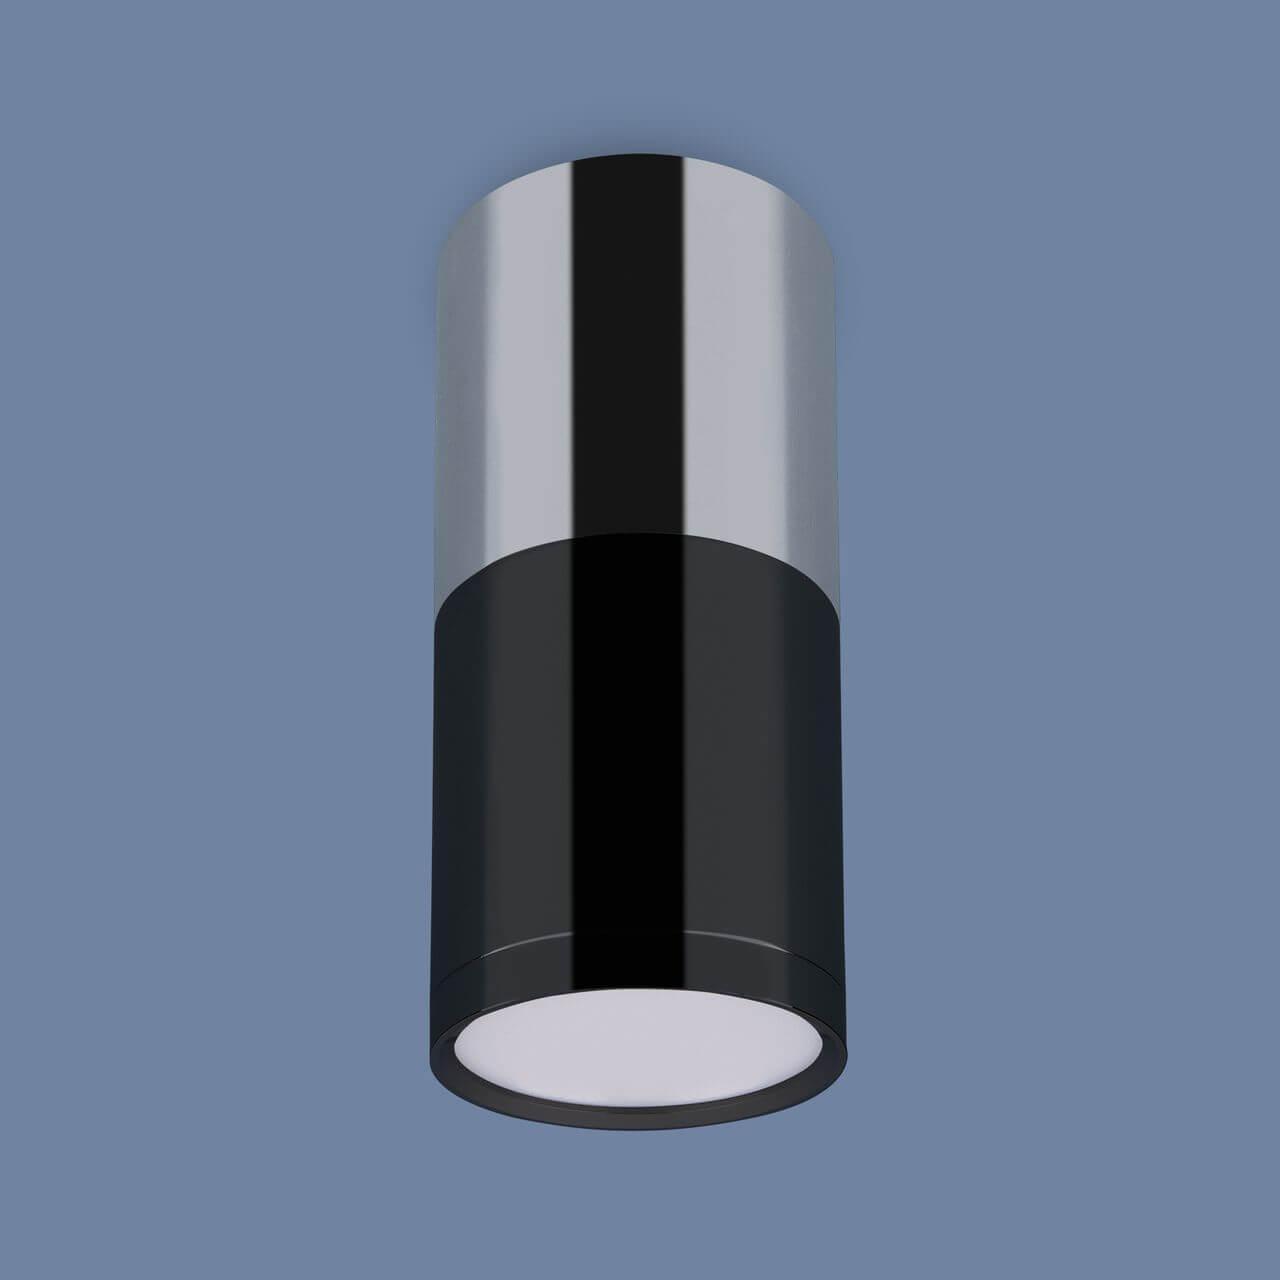 Потолочный светодиодный светильник Elektrostandard DLR028 6W 4200K хром/черный хром 4690389121982 цена